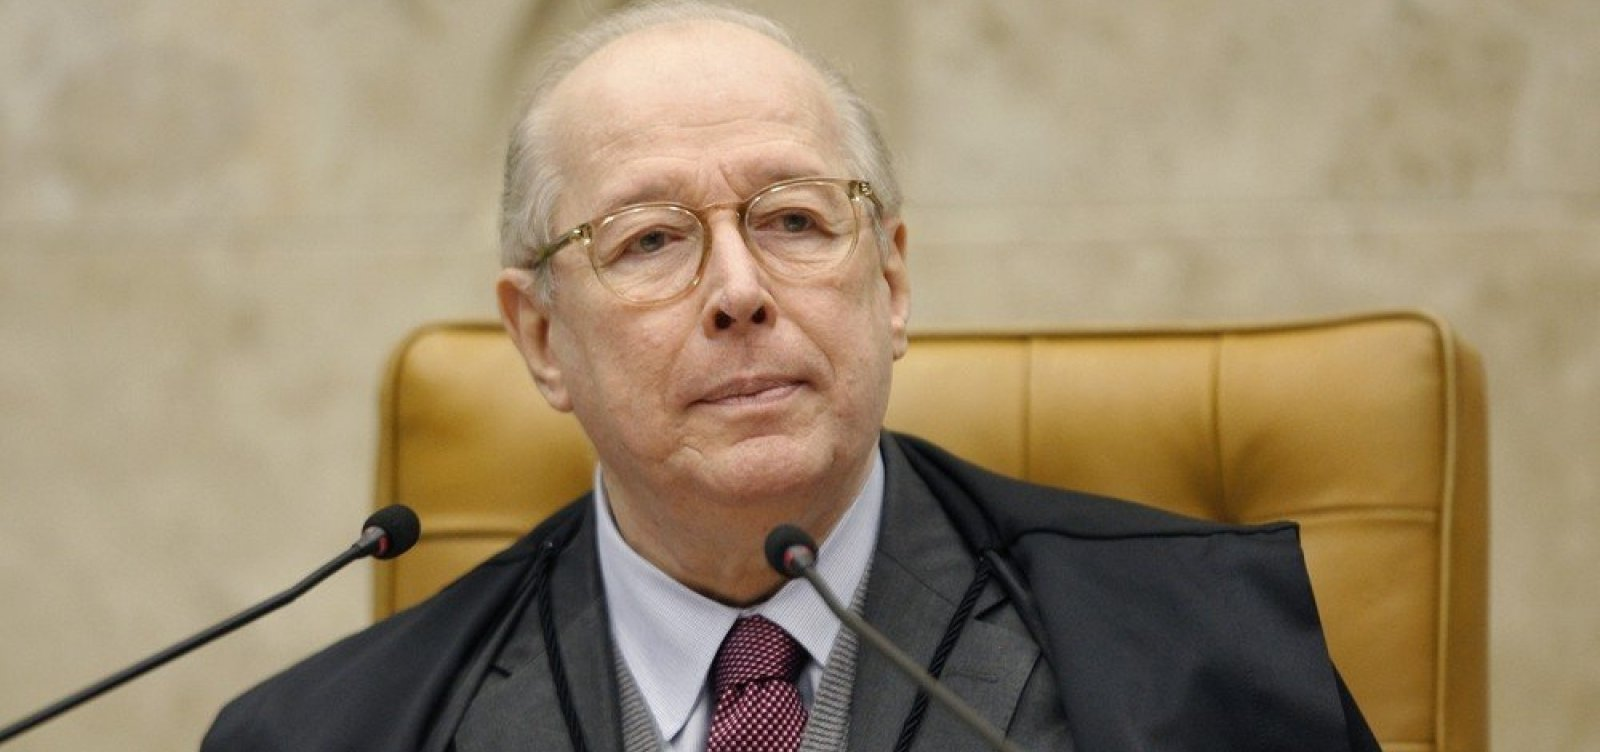 [Em sua última sessão no STF, Celso de Mello vota por depoimento presencial de Bolsonaro à PF]